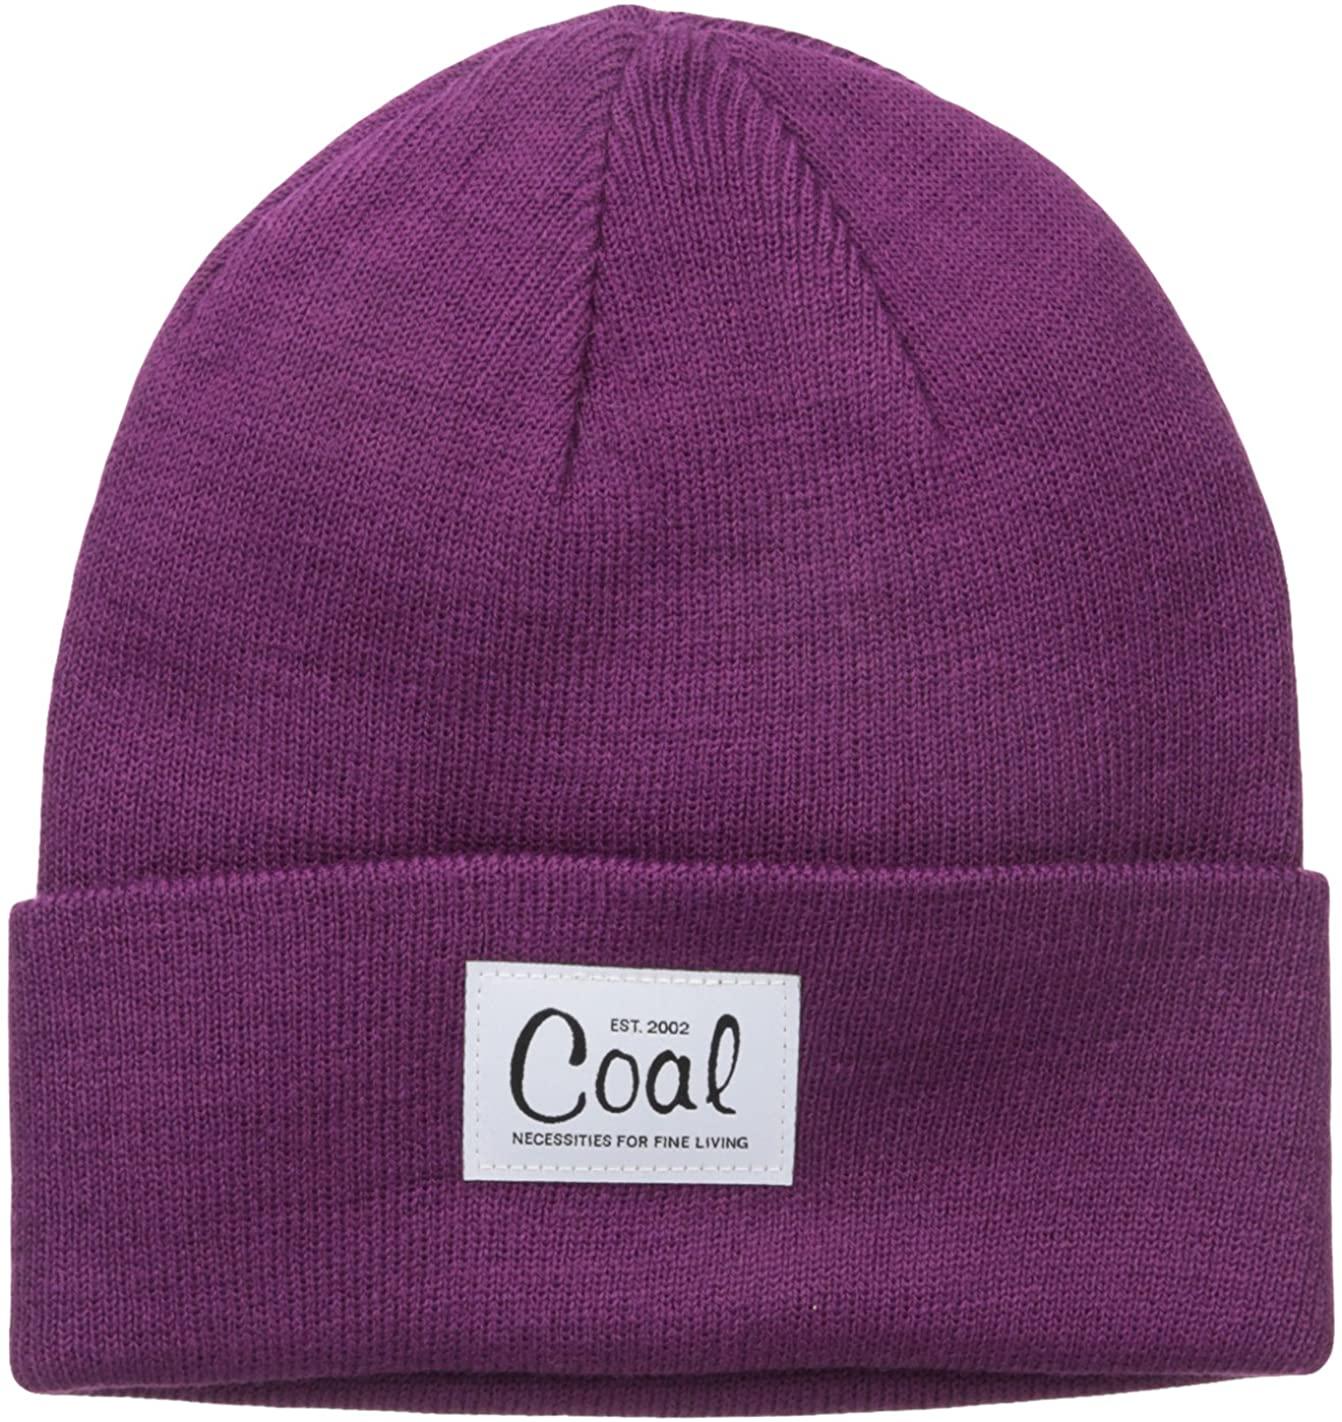 Coal Women's The Mel Fine Knit Workwear Cuffed Beanie Hat